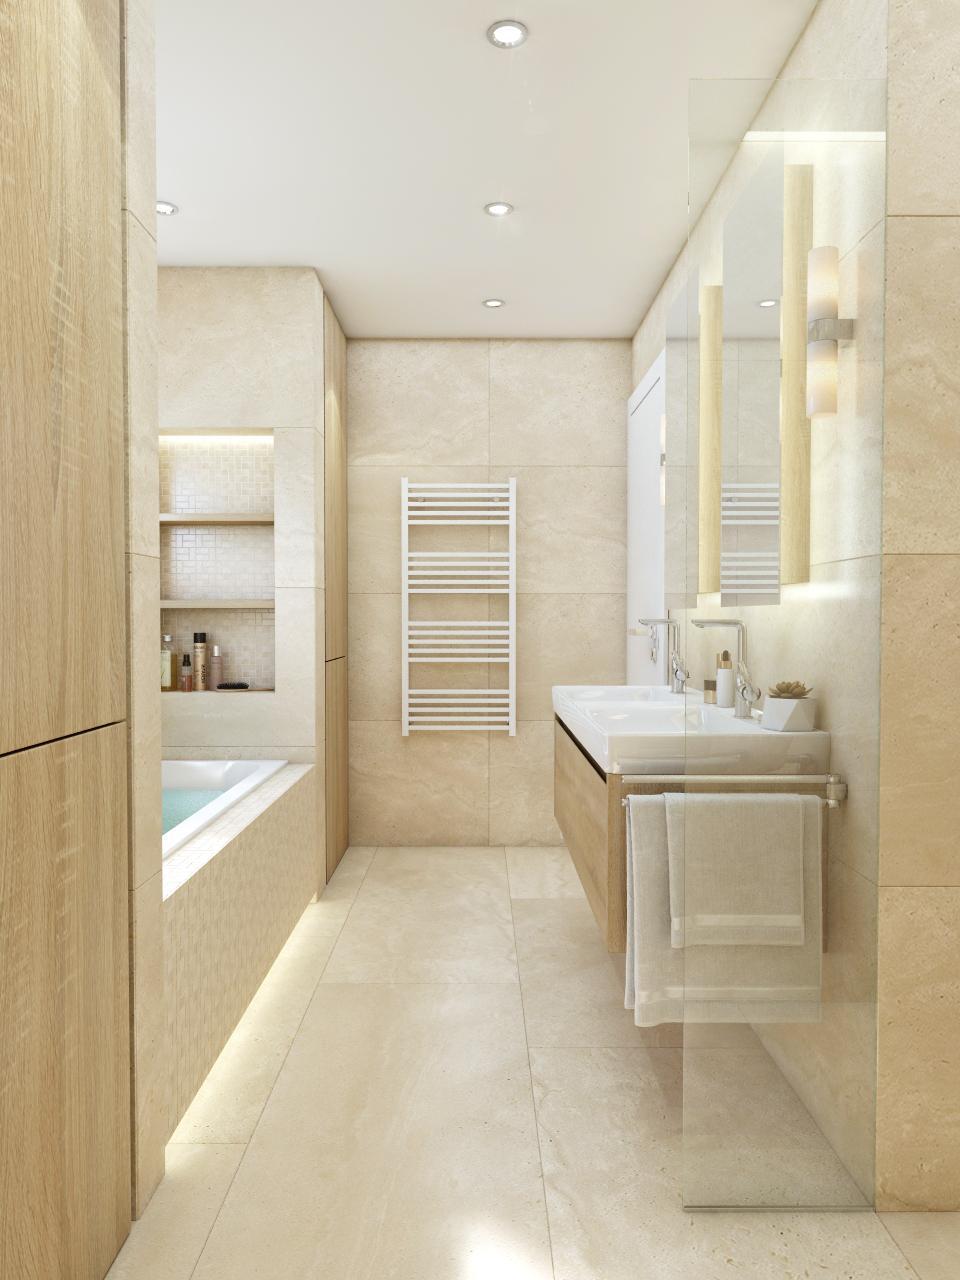 Návrhy kúpeľní 2021 - Obrázok č. 21